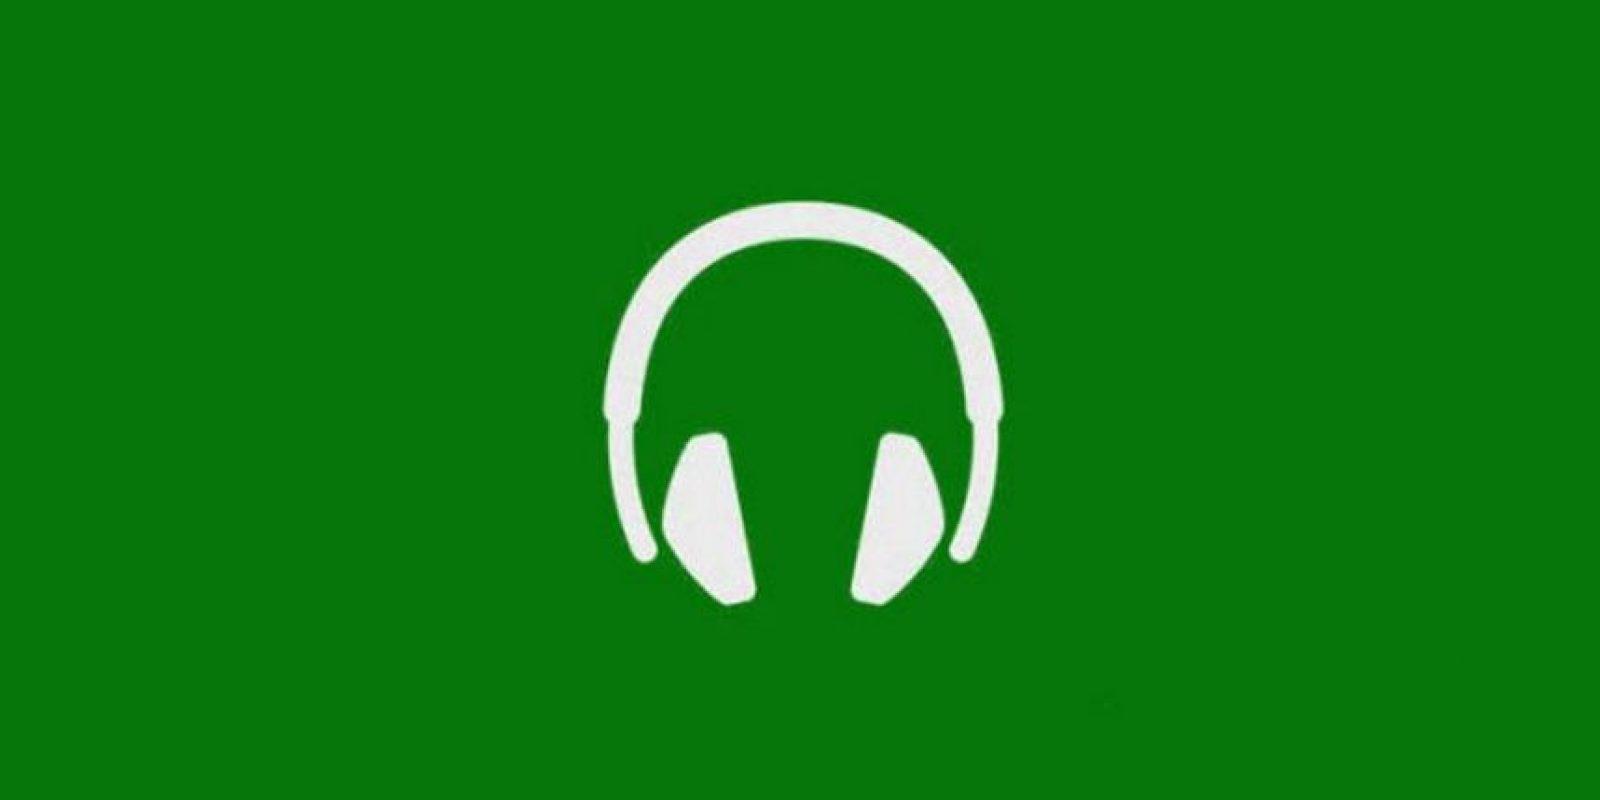 Está disponible en la línea de productos de Microsoft, incluyendo la consola Xbox 360, Windows 8 PC y tablets, y dispositivos Windows Phone y tiene más de 30 millones de canciones Foto:Microsoft